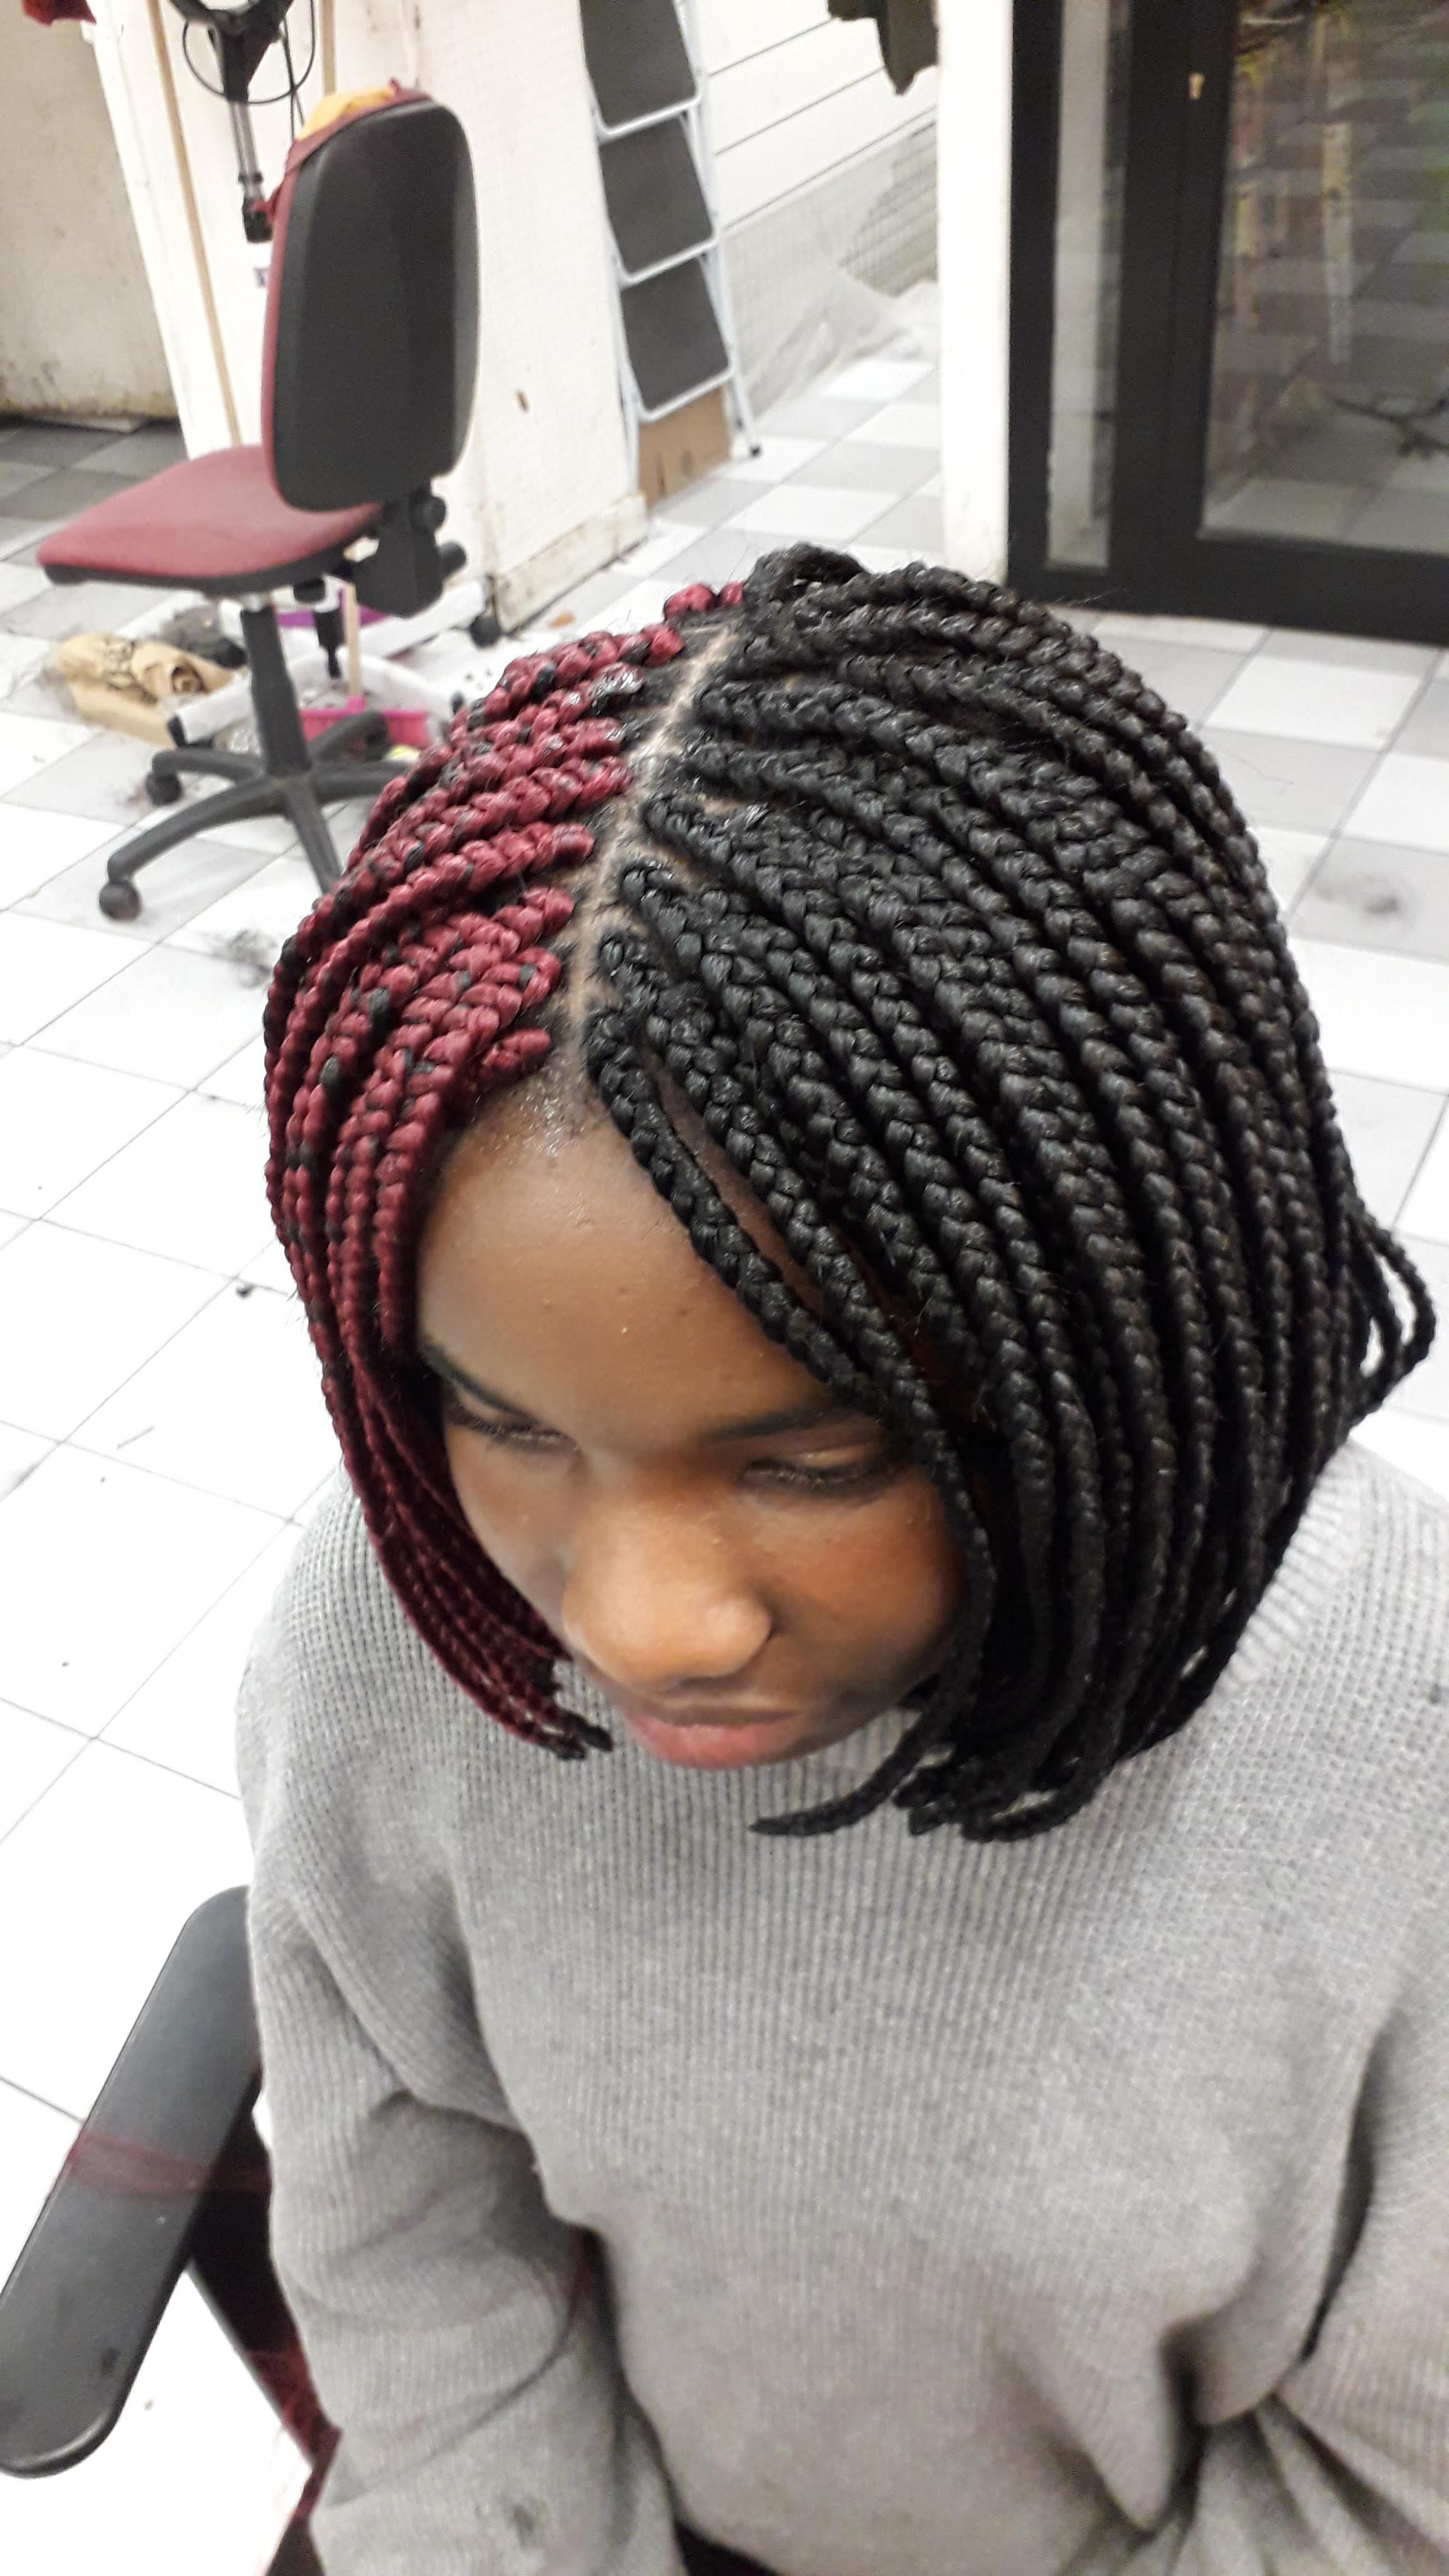 salon de coiffure afro tresse tresses box braids crochet braids vanilles tissages paris 75 77 78 91 92 93 94 95 UYYYKQDG